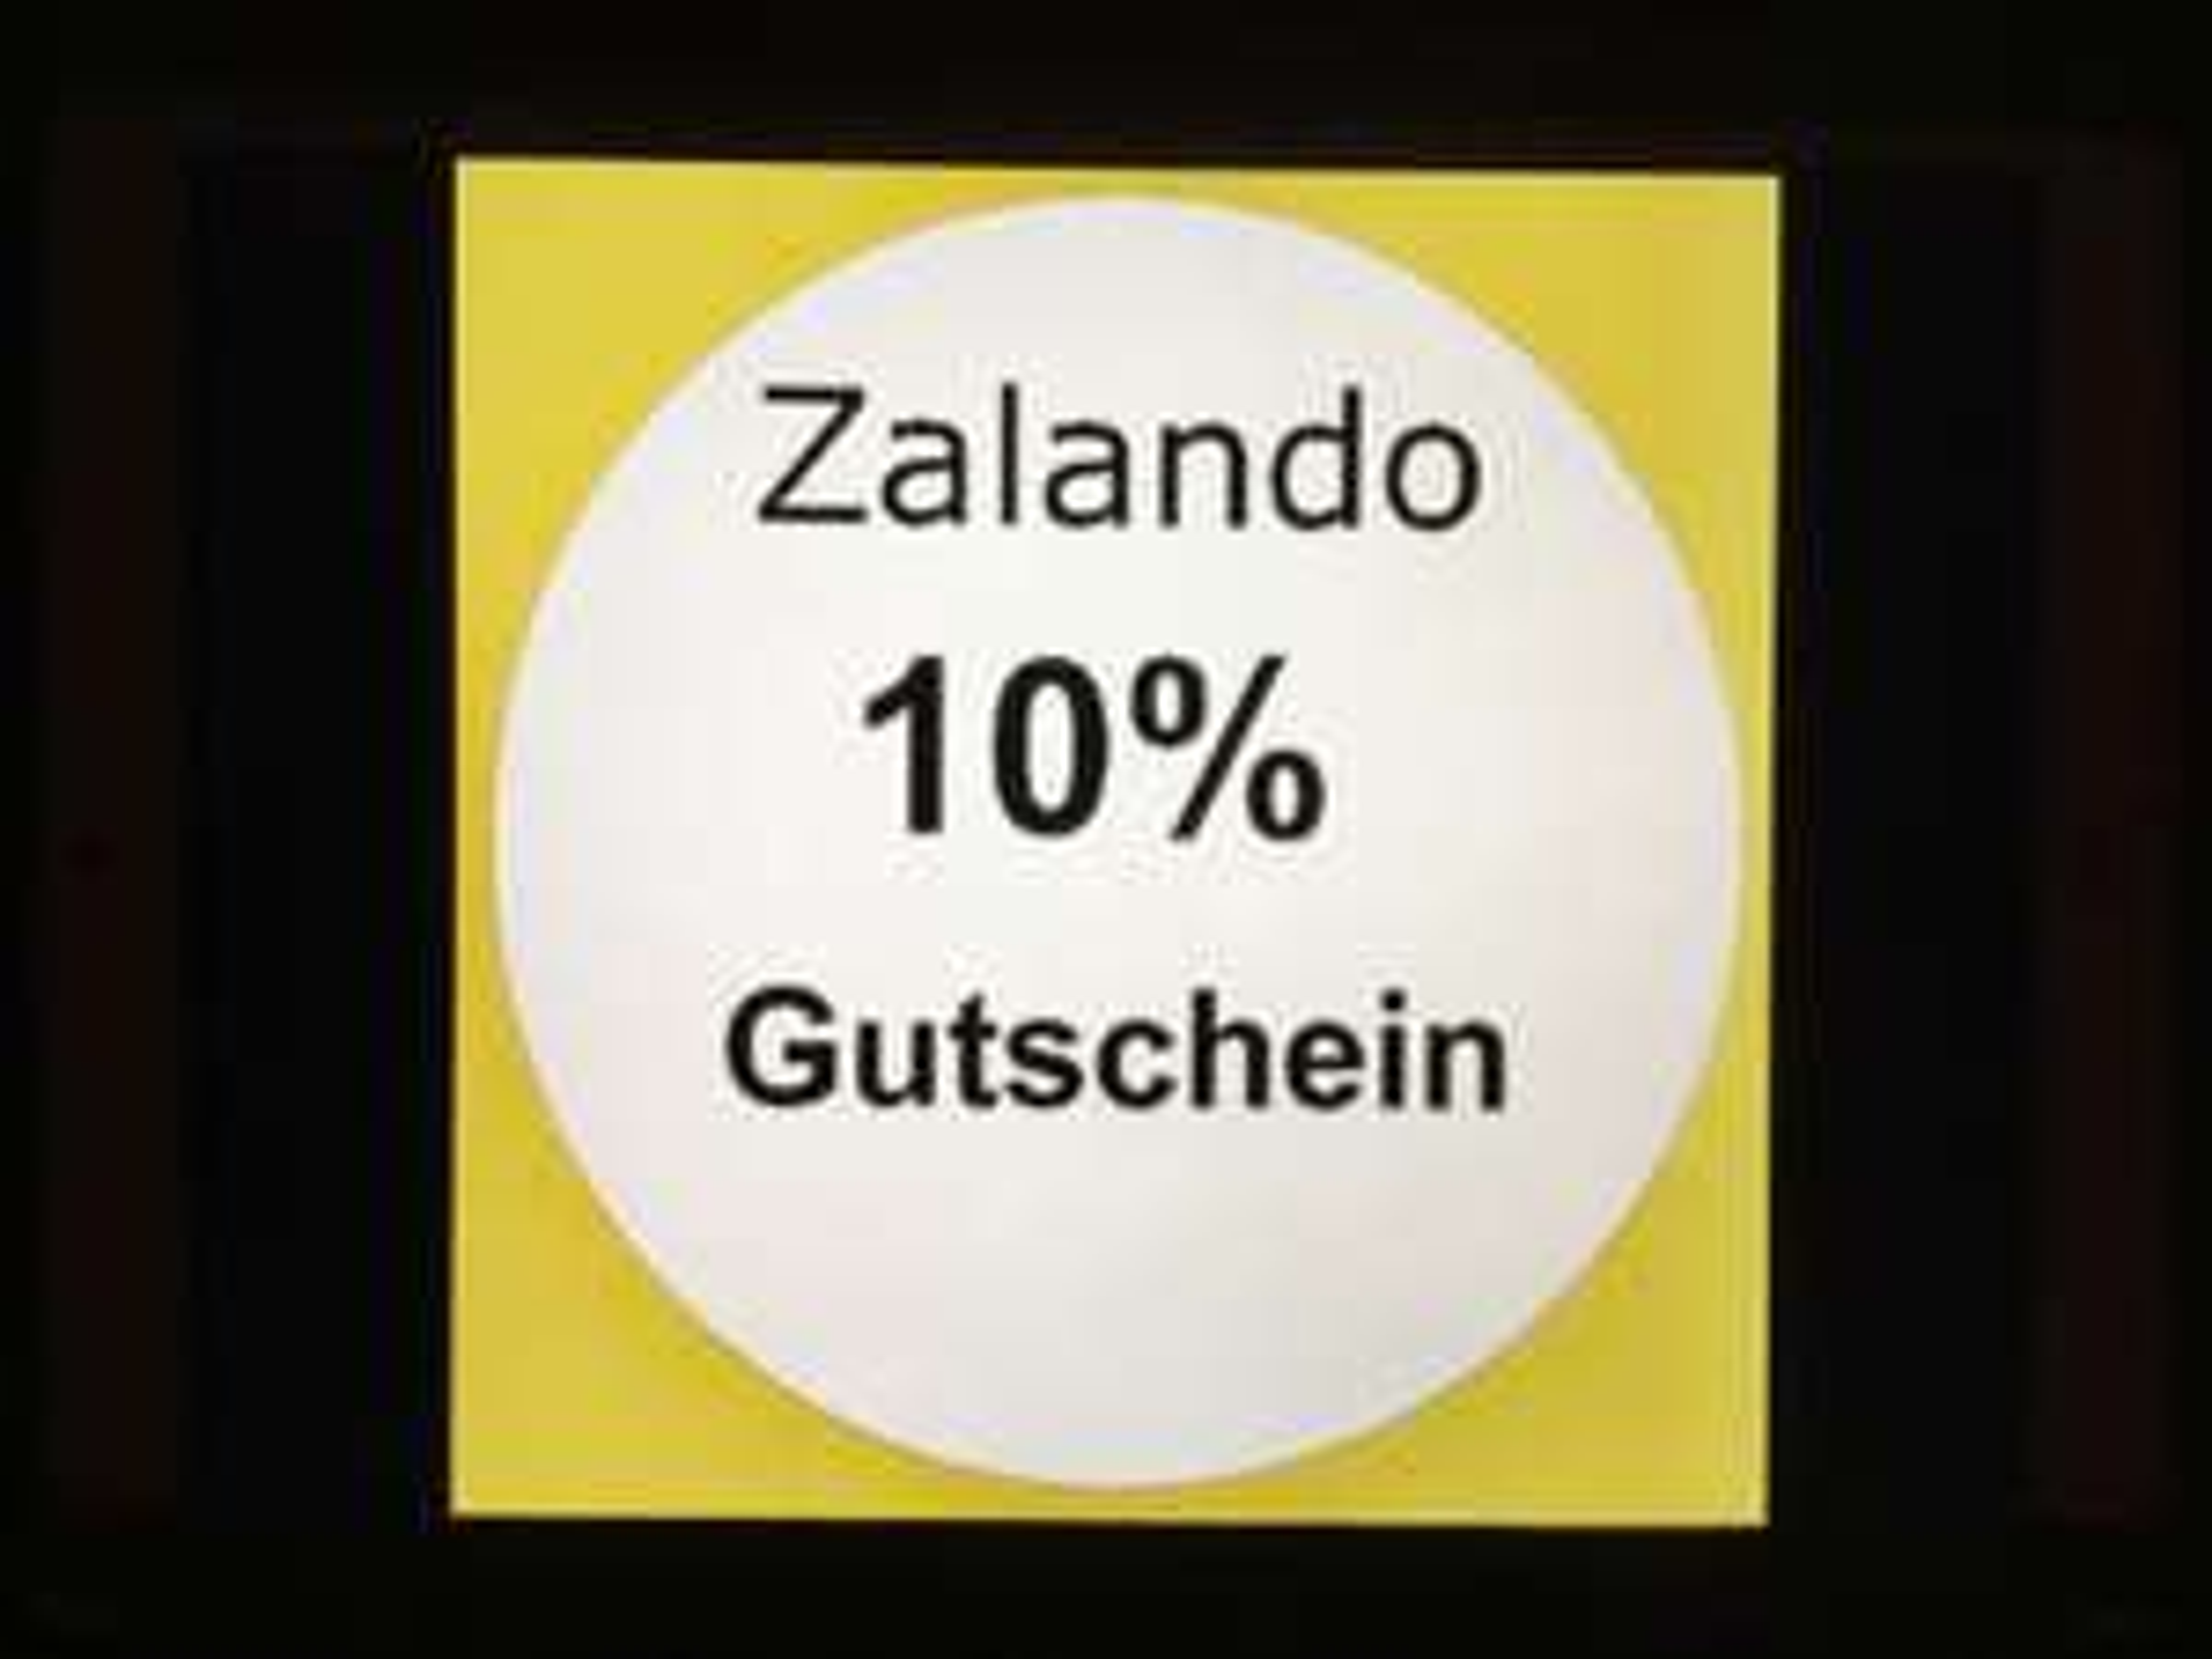 10% Zalando Gutschein auf alles (auch Sale) mit 30€ MBW